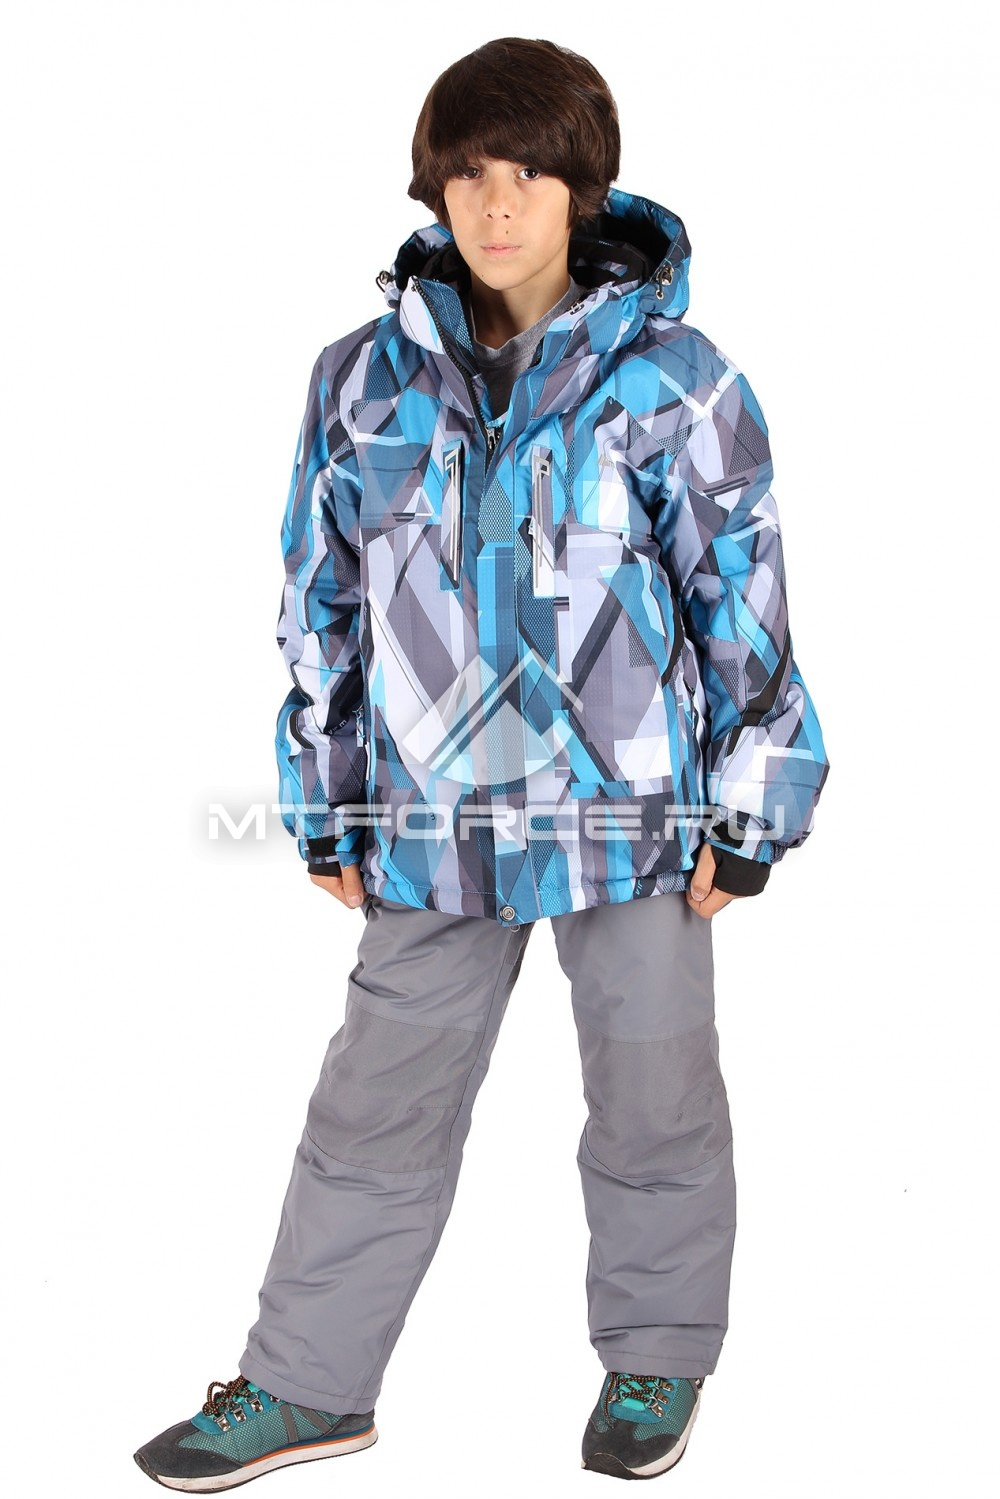 Купить                                  оптом Костюм горнолыжный  для мальчика голубого  цвета 424Gl